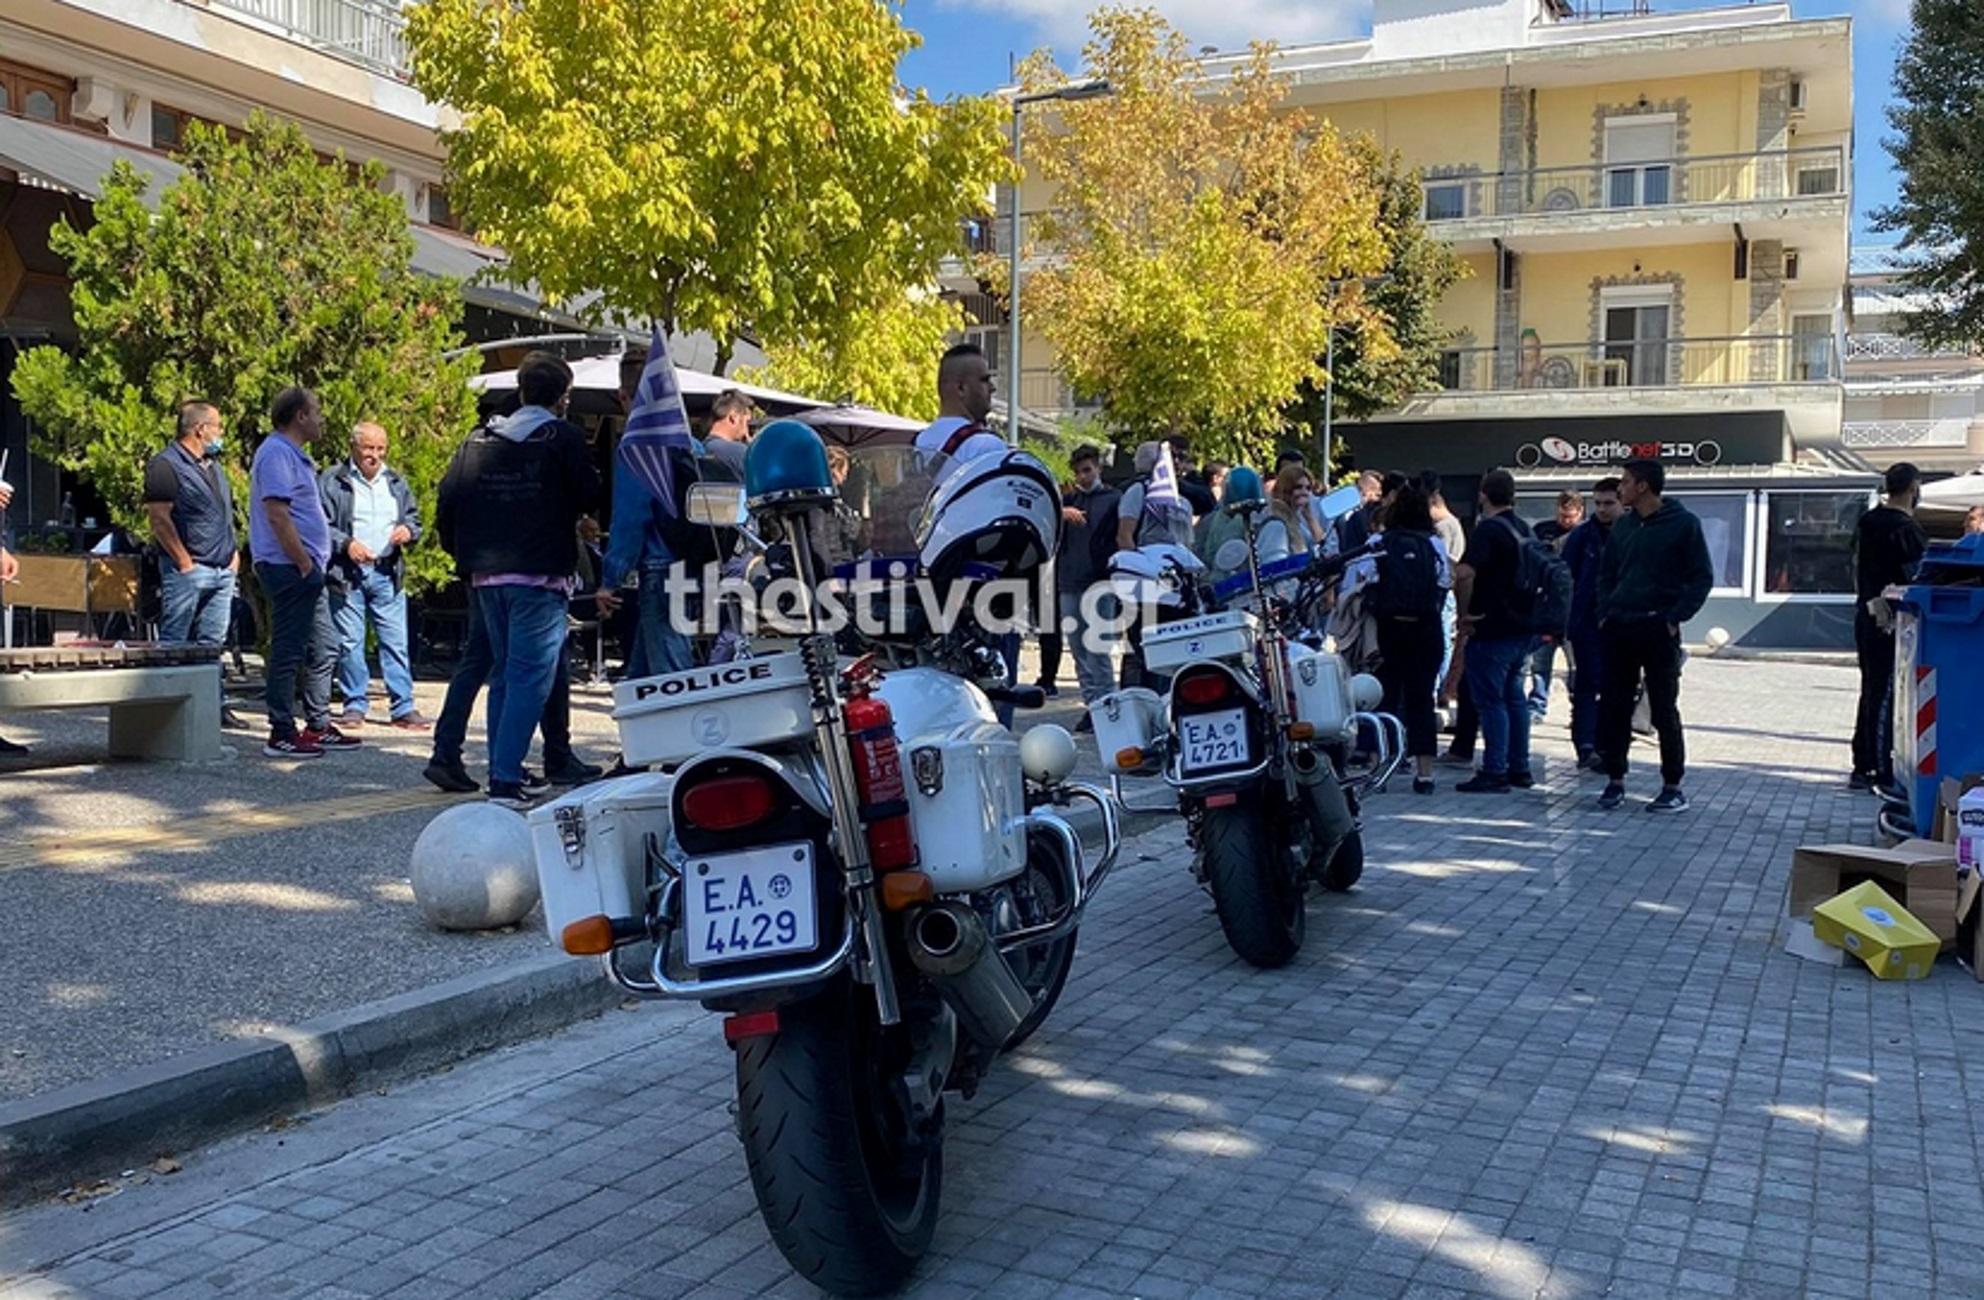 Θεσσαλονίκη: Σύλληψη 30χρονου για την επίθεση σε αφισοκολλητές της ΚΝΕ